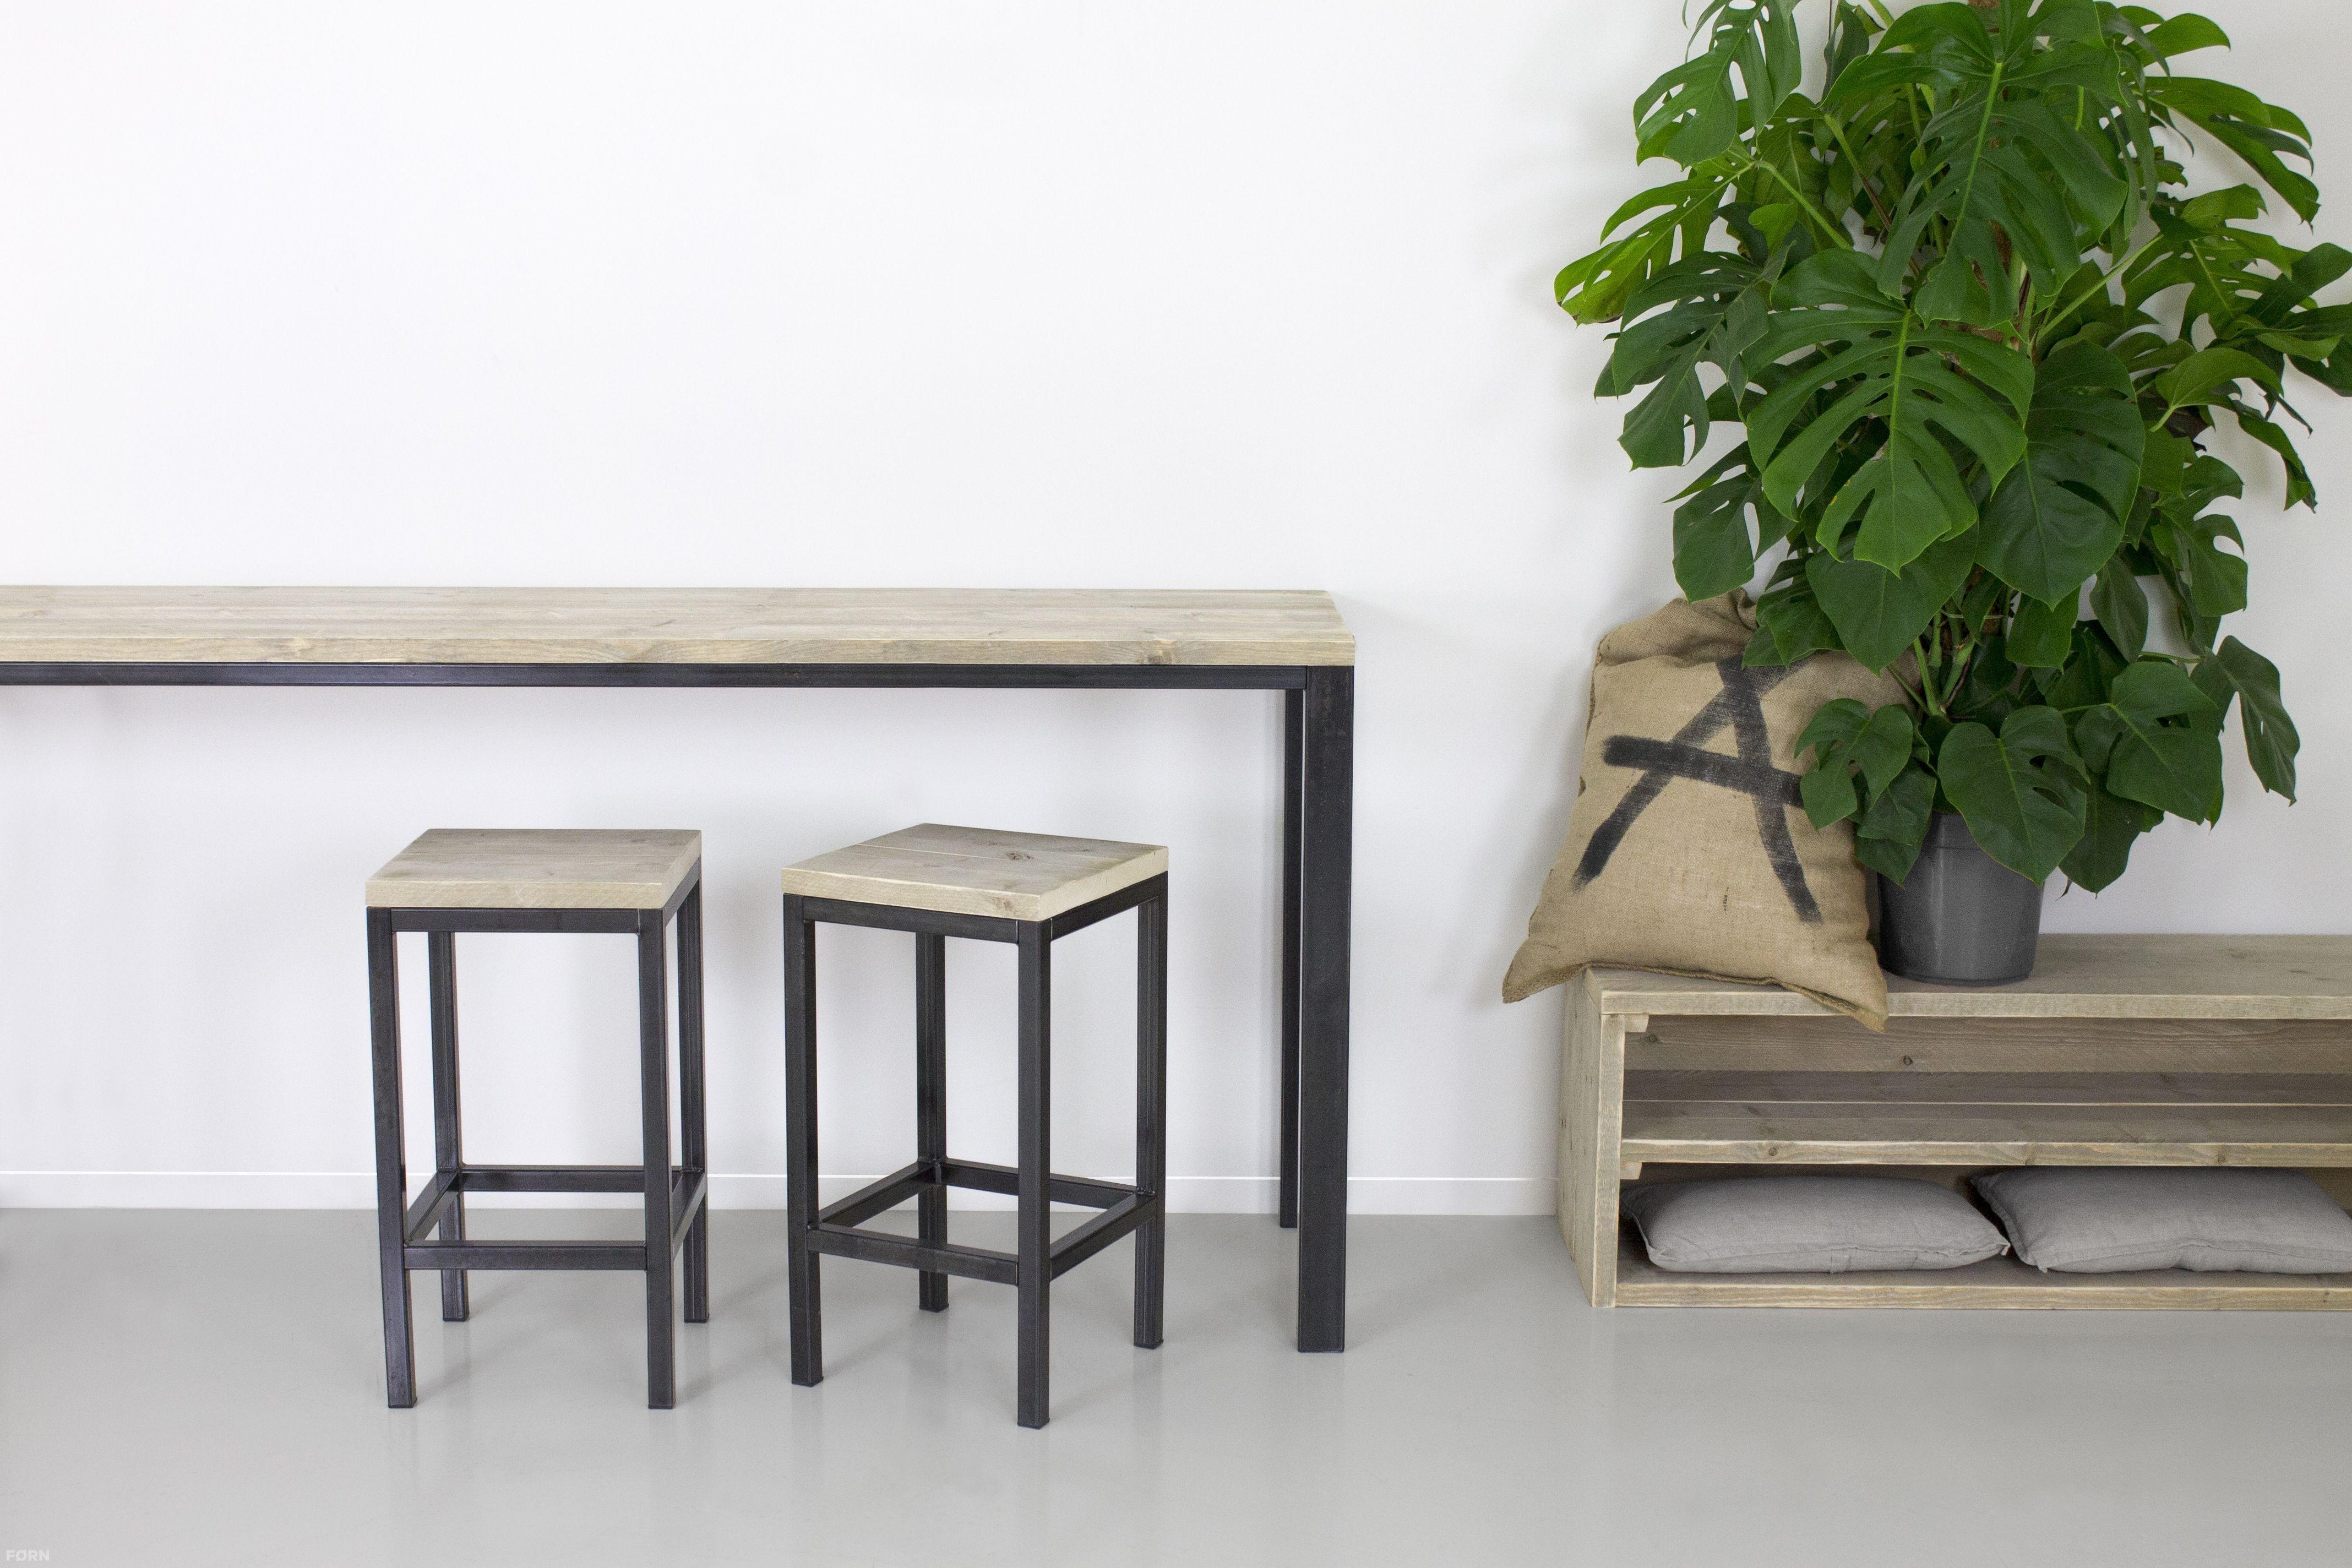 Wohnideen Büro Im Wohnzimmer industriedesign barhocker jan bauholzmoebeldesign de küche